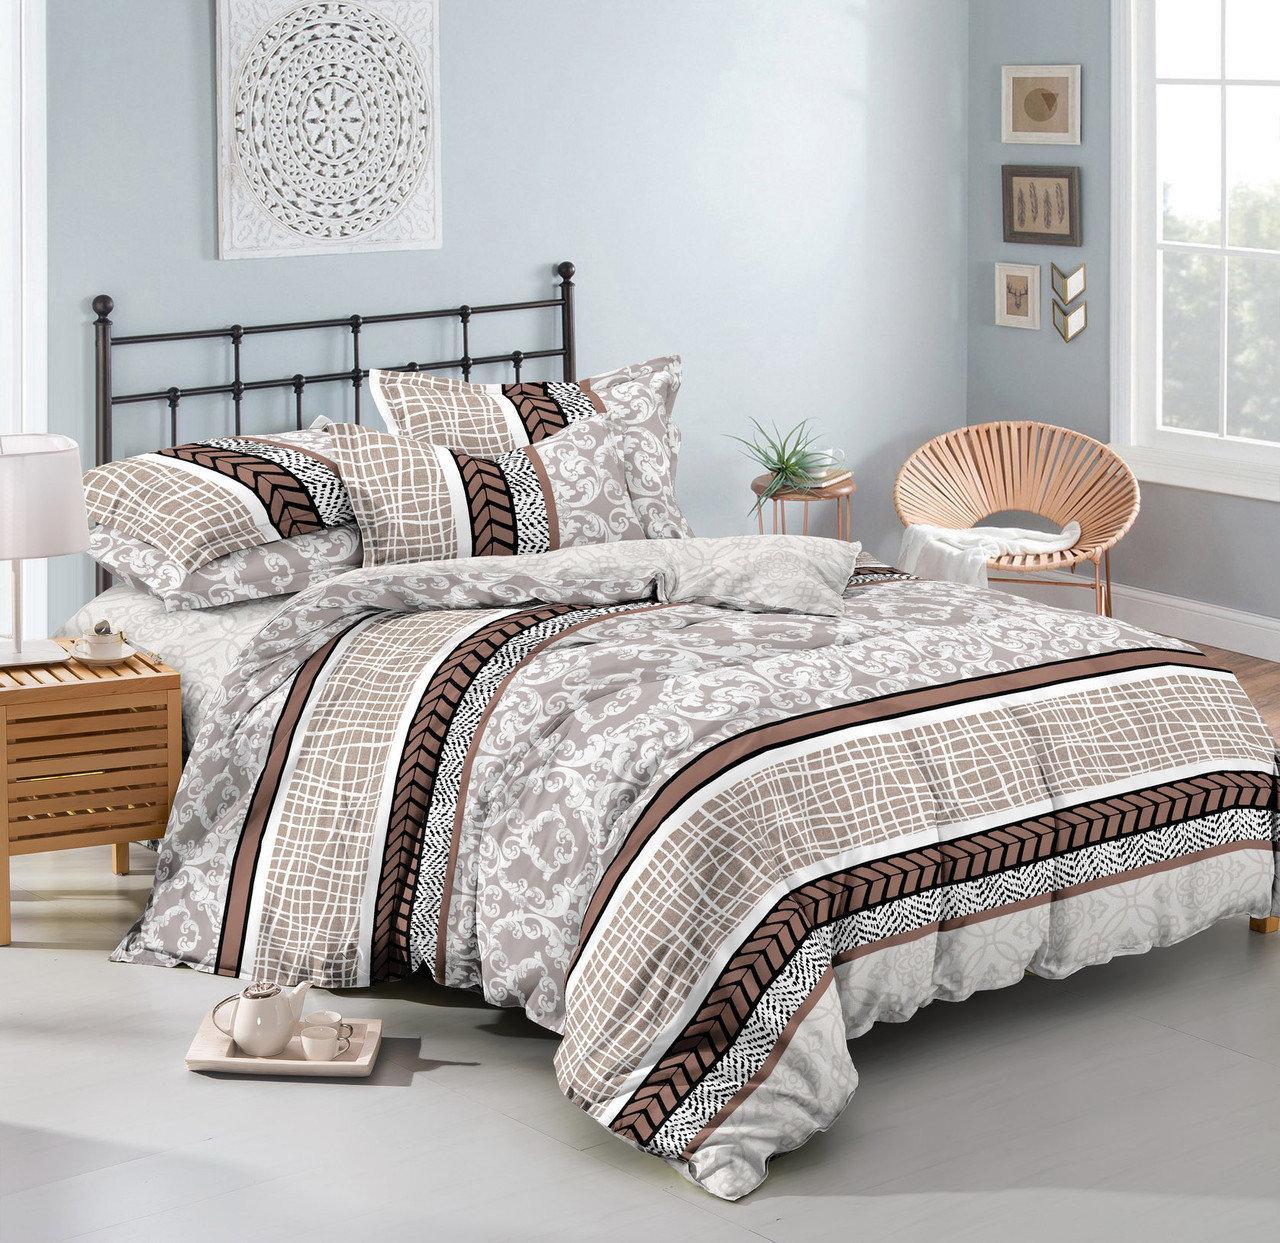 Акция на обновленный ассортимент постельного белья из смесовой ткани (60% хлопок, 40% полиэстер)